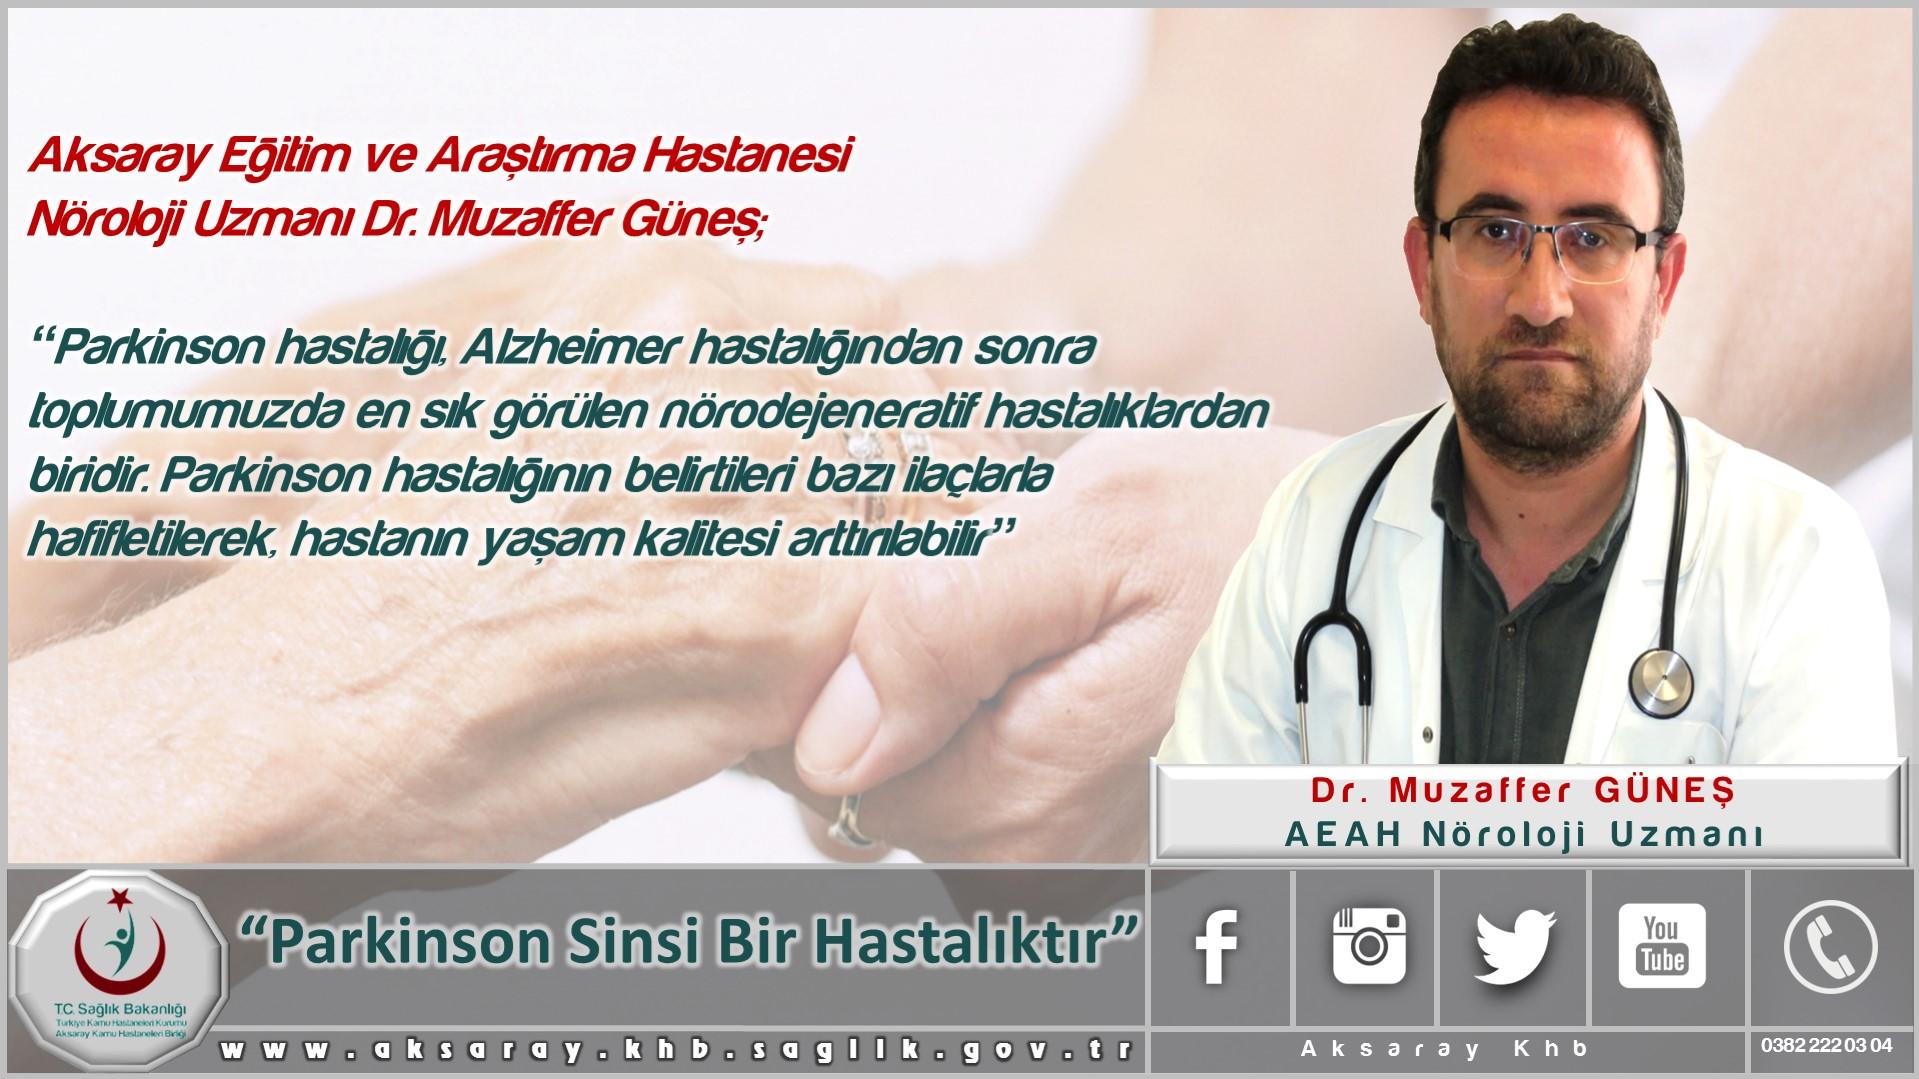 """AEAH Nöroloji Uzmanı Dr. Muzaffer Güneş; """"Parkinson sinsi bir hastalıktır"""""""